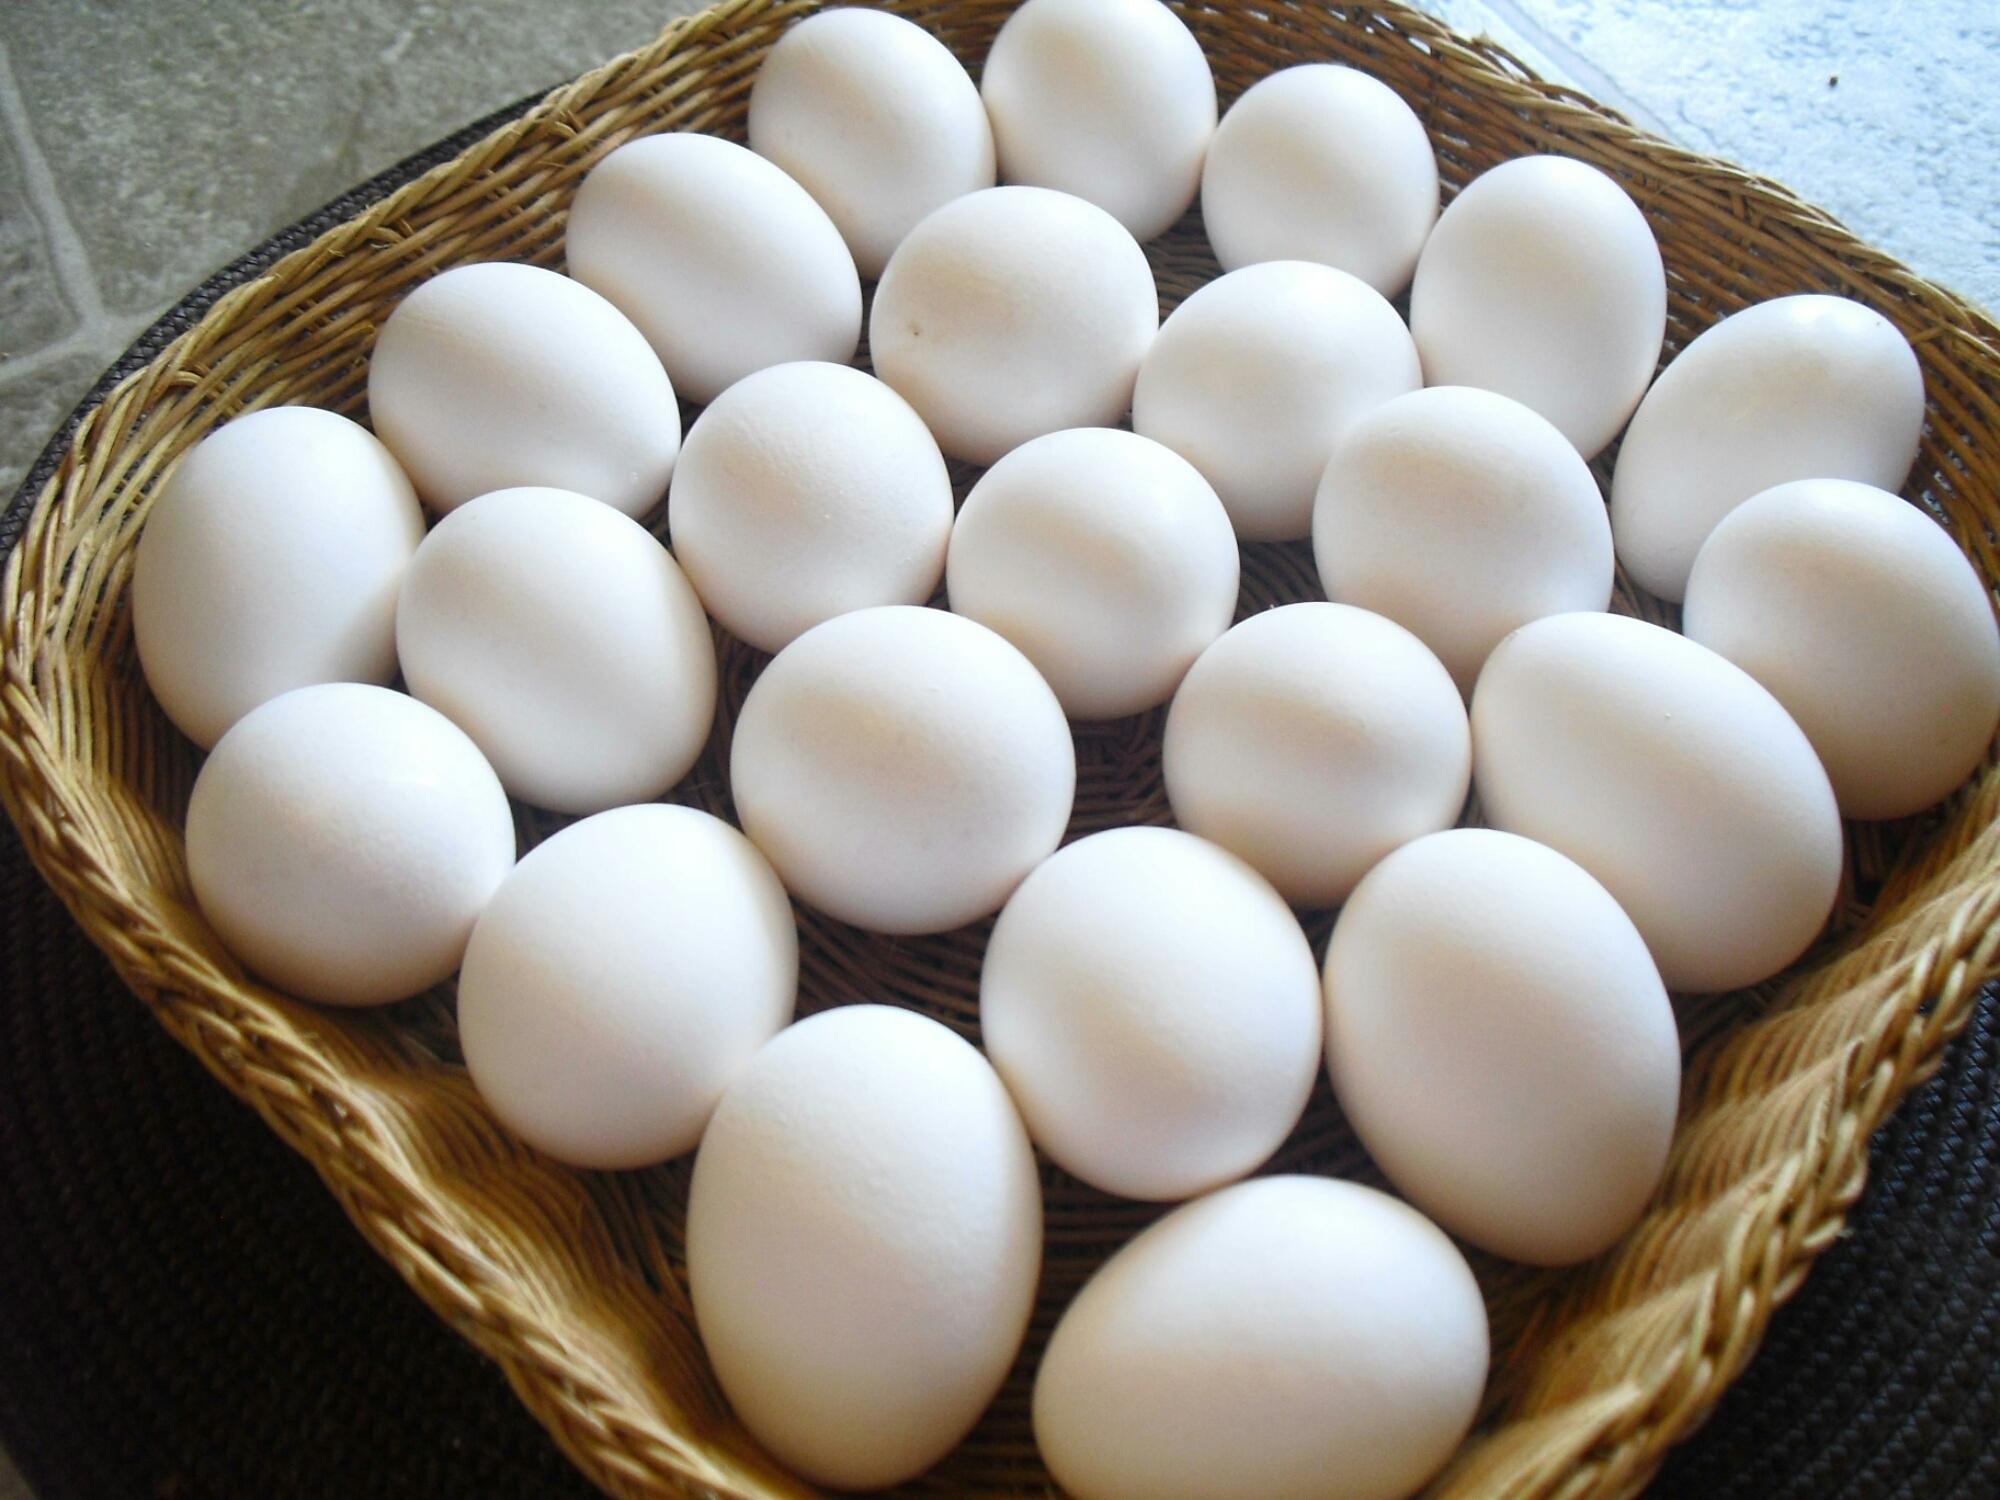 كم طبق في كرتون البيض